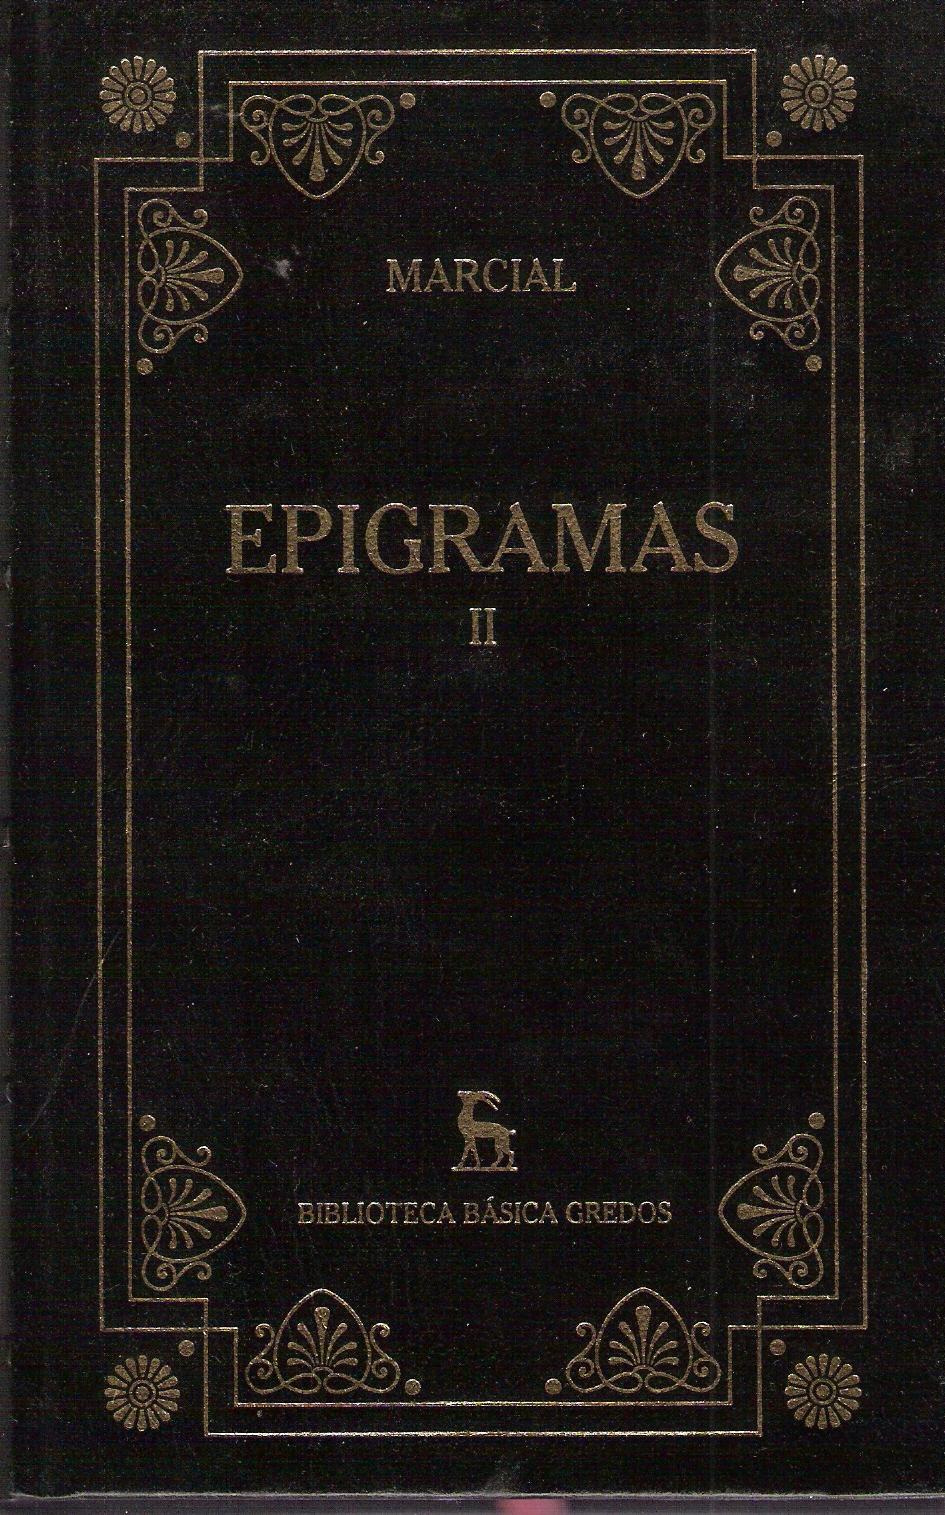 Epigramas II